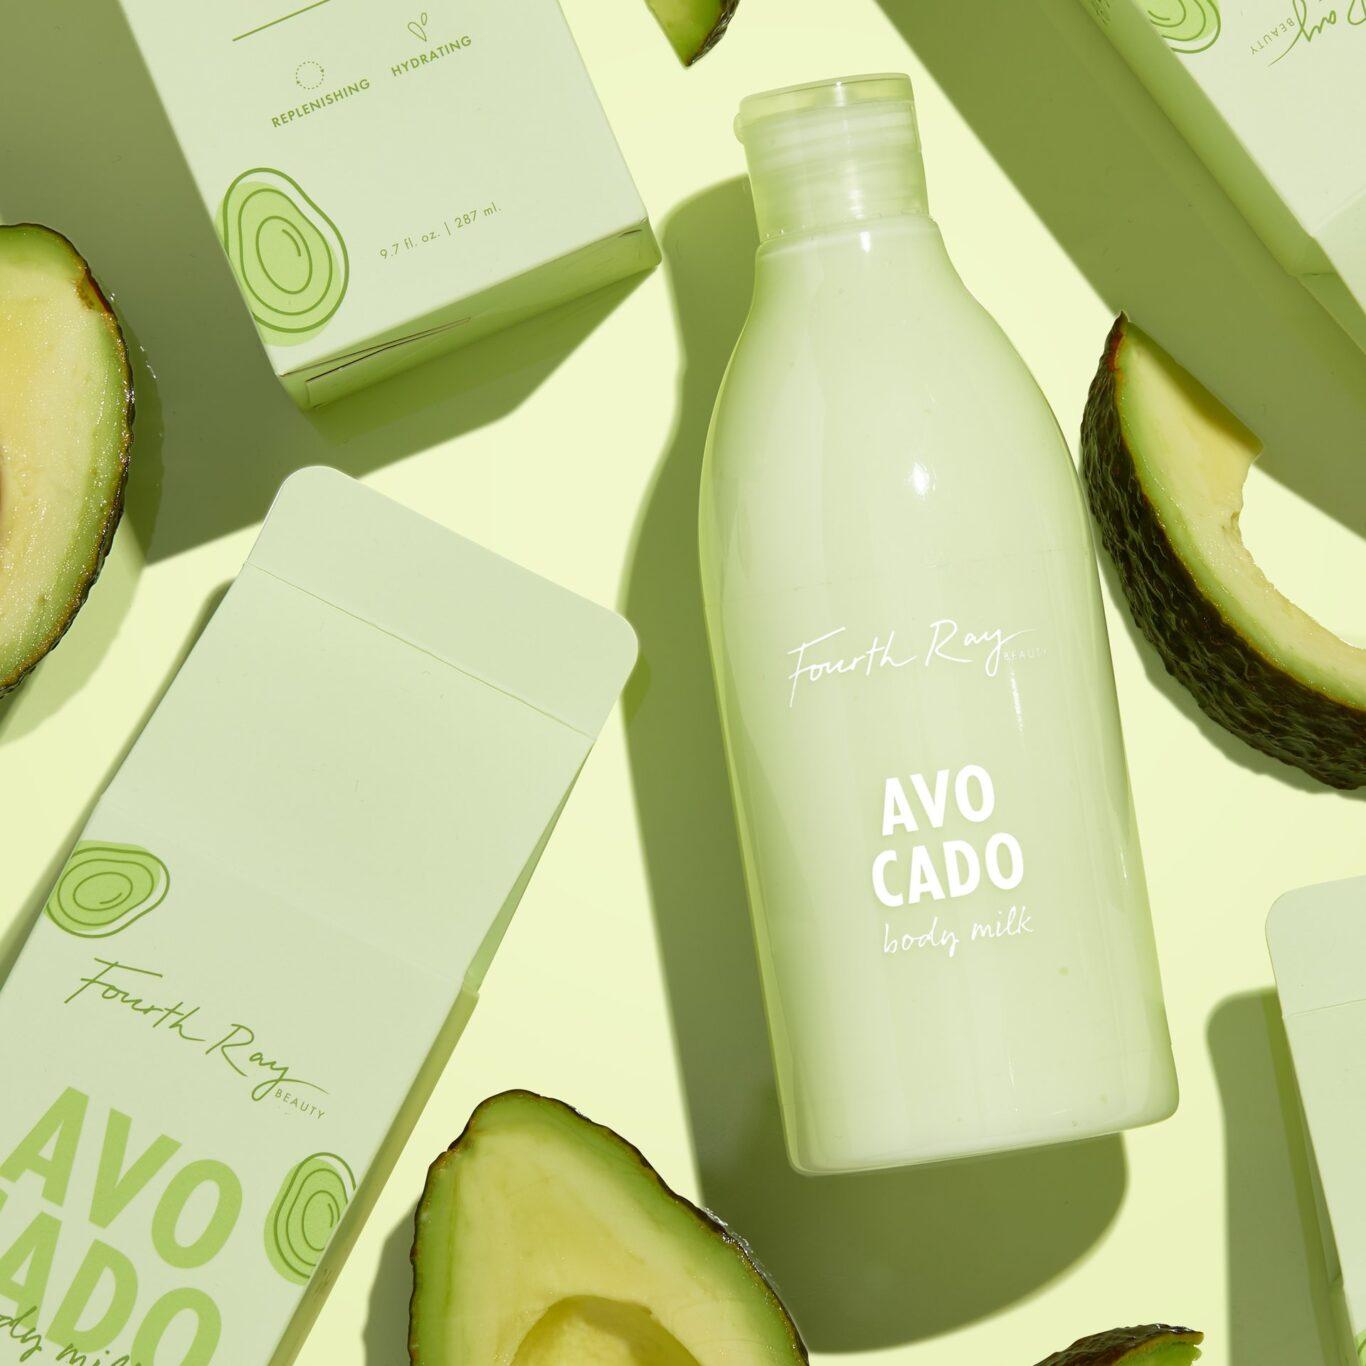 Fourth Ray Beauty Body Milks Avocado